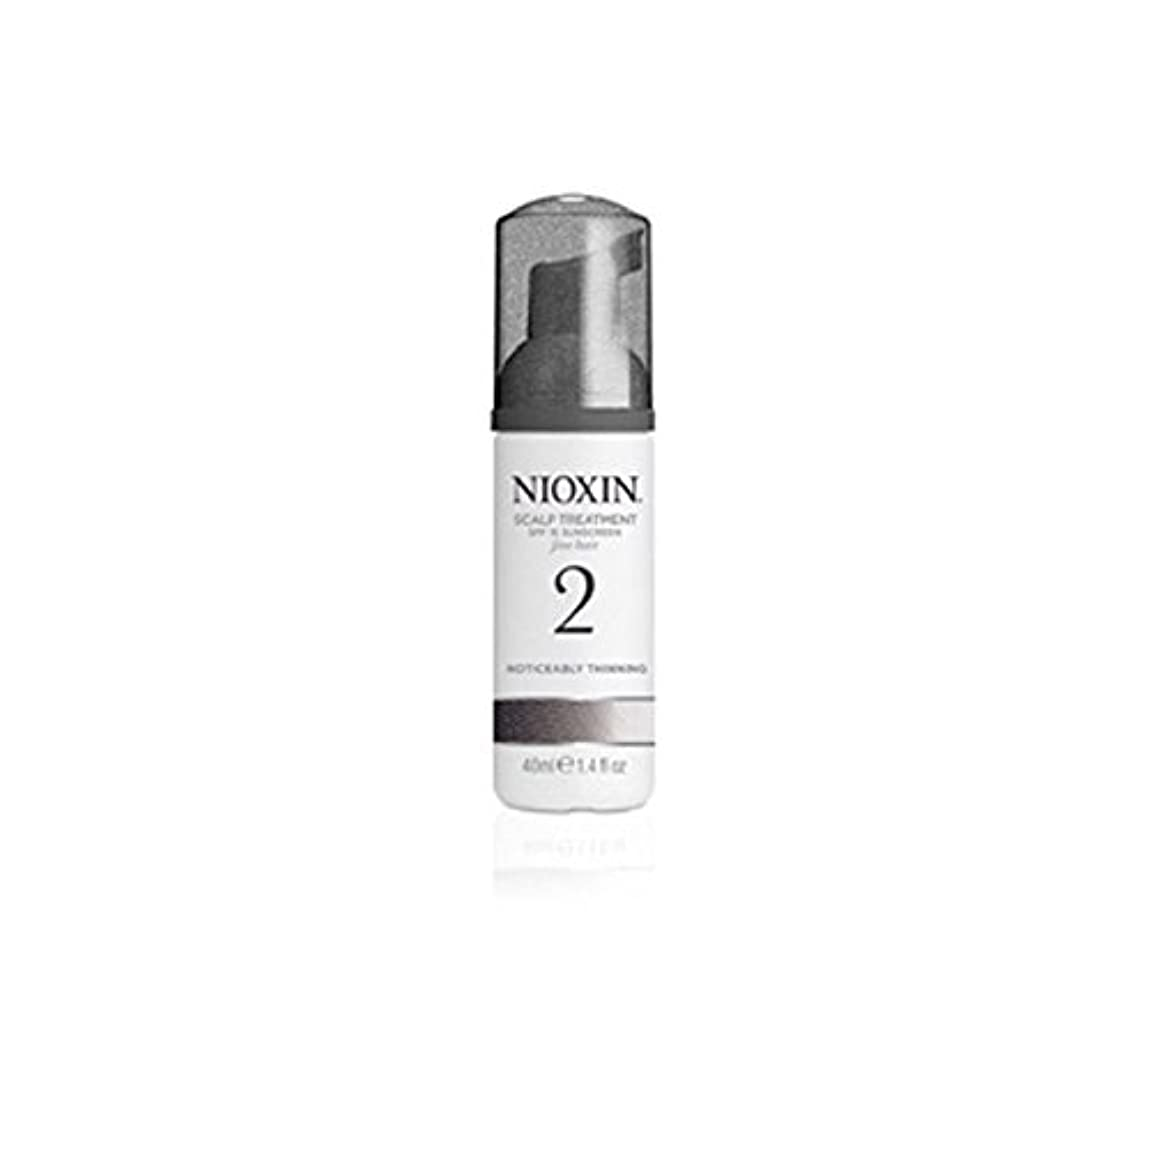 大胆な紳士量著しく間伐自然な髪のためのニオキシンシステム2スカルプトリートメント(100ミリリットル) x2 - Nioxin System 2 Scalp Treatment For Noticeably Thinning Natural Hair (100ml) (Pack of 2) [並行輸入品]